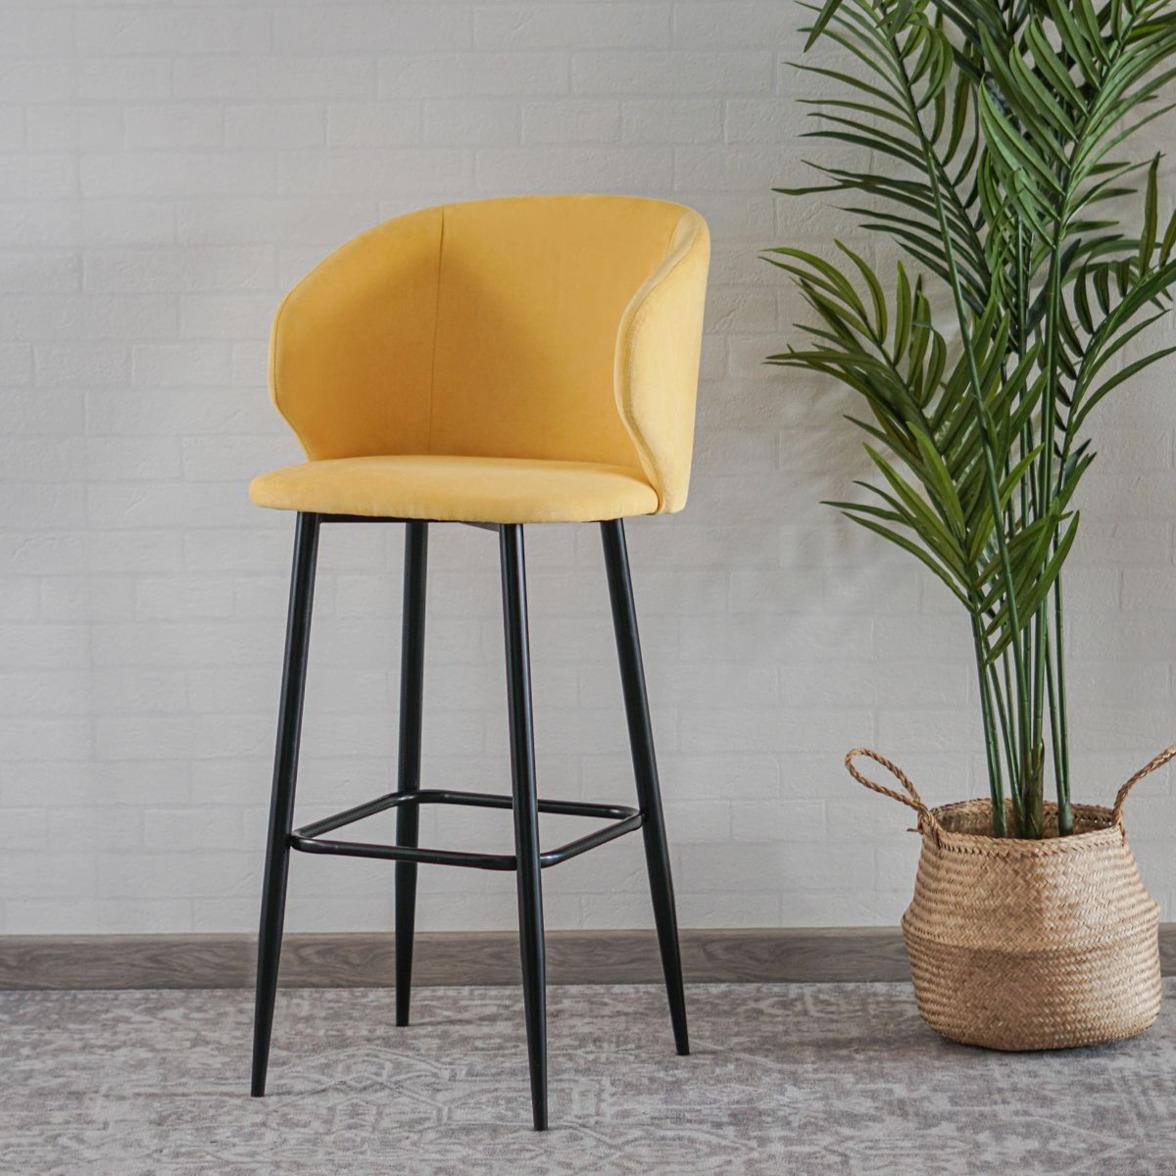 Барный стул Марк, велюр жёлтый, цвет ножек-чёрный